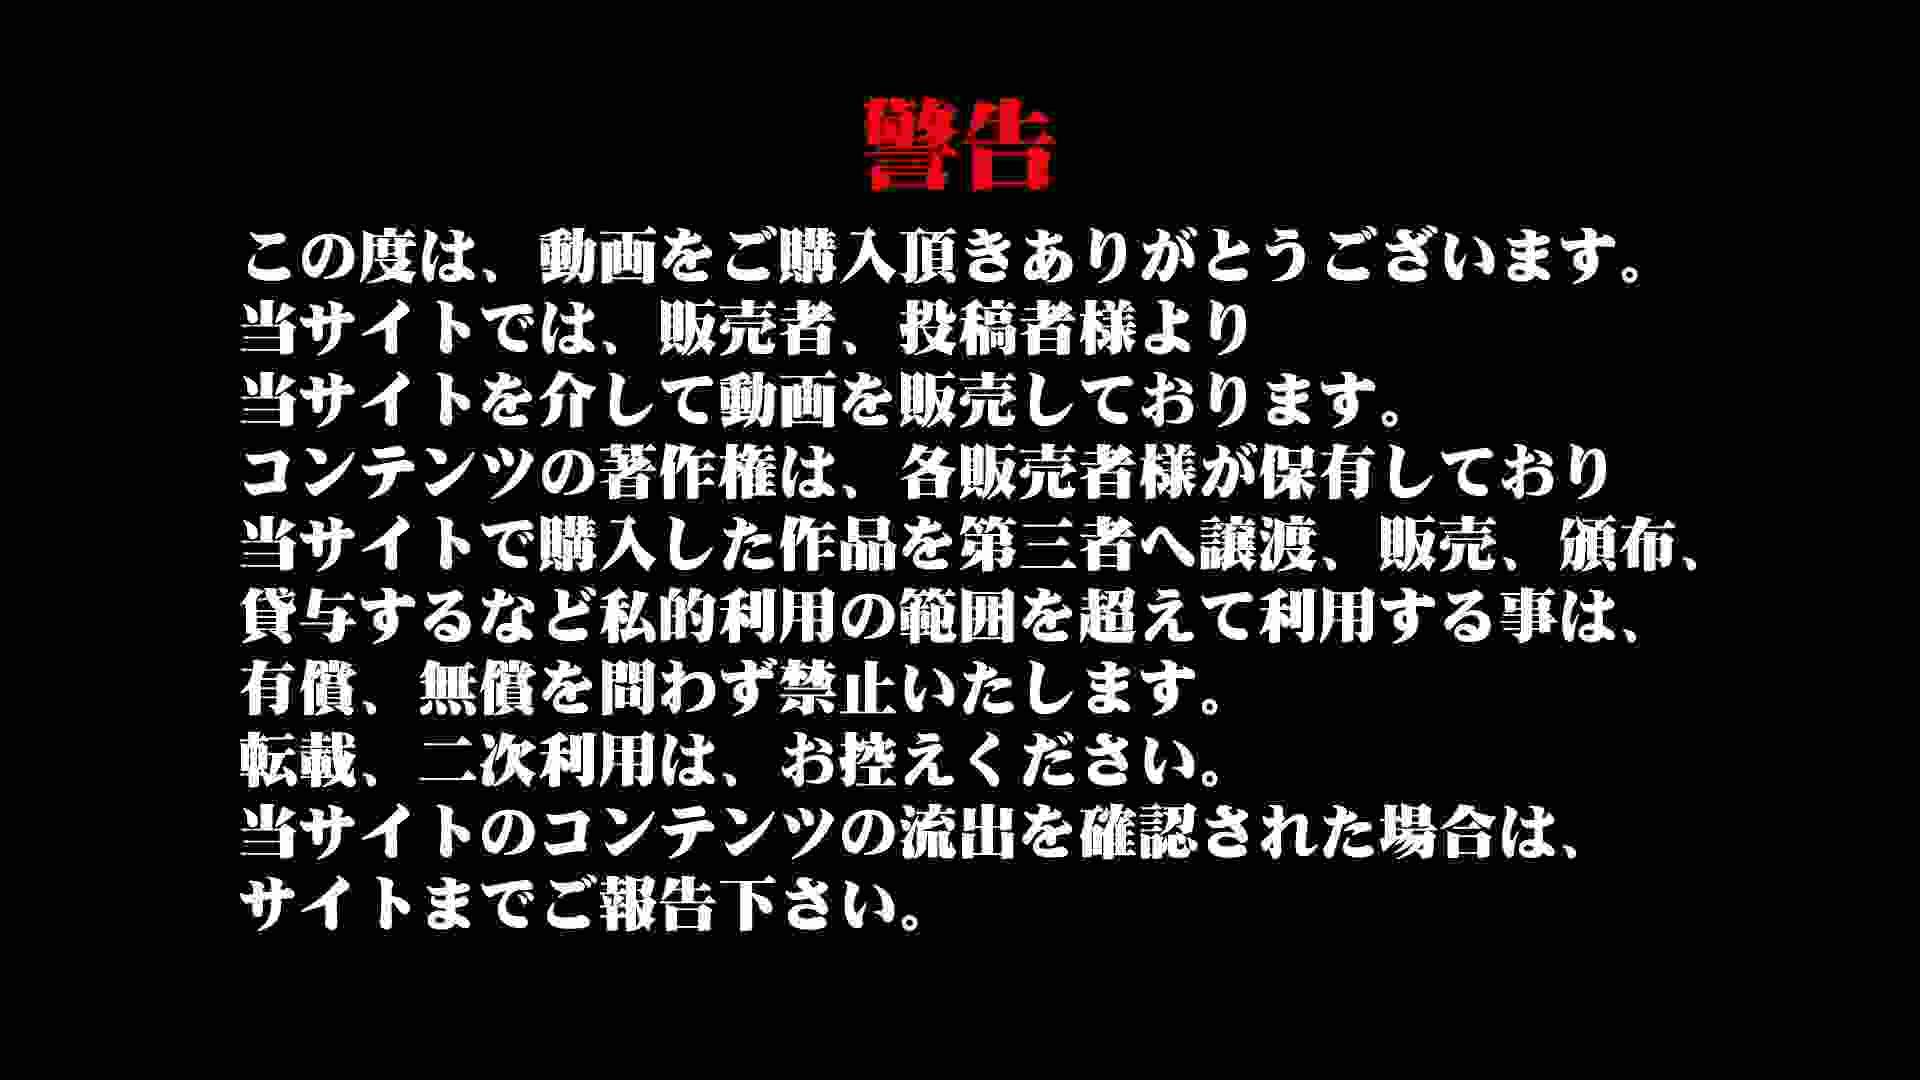 Aquaな露天風呂Vol.927 OLのエロ生活 | 盗撮  89連発 43